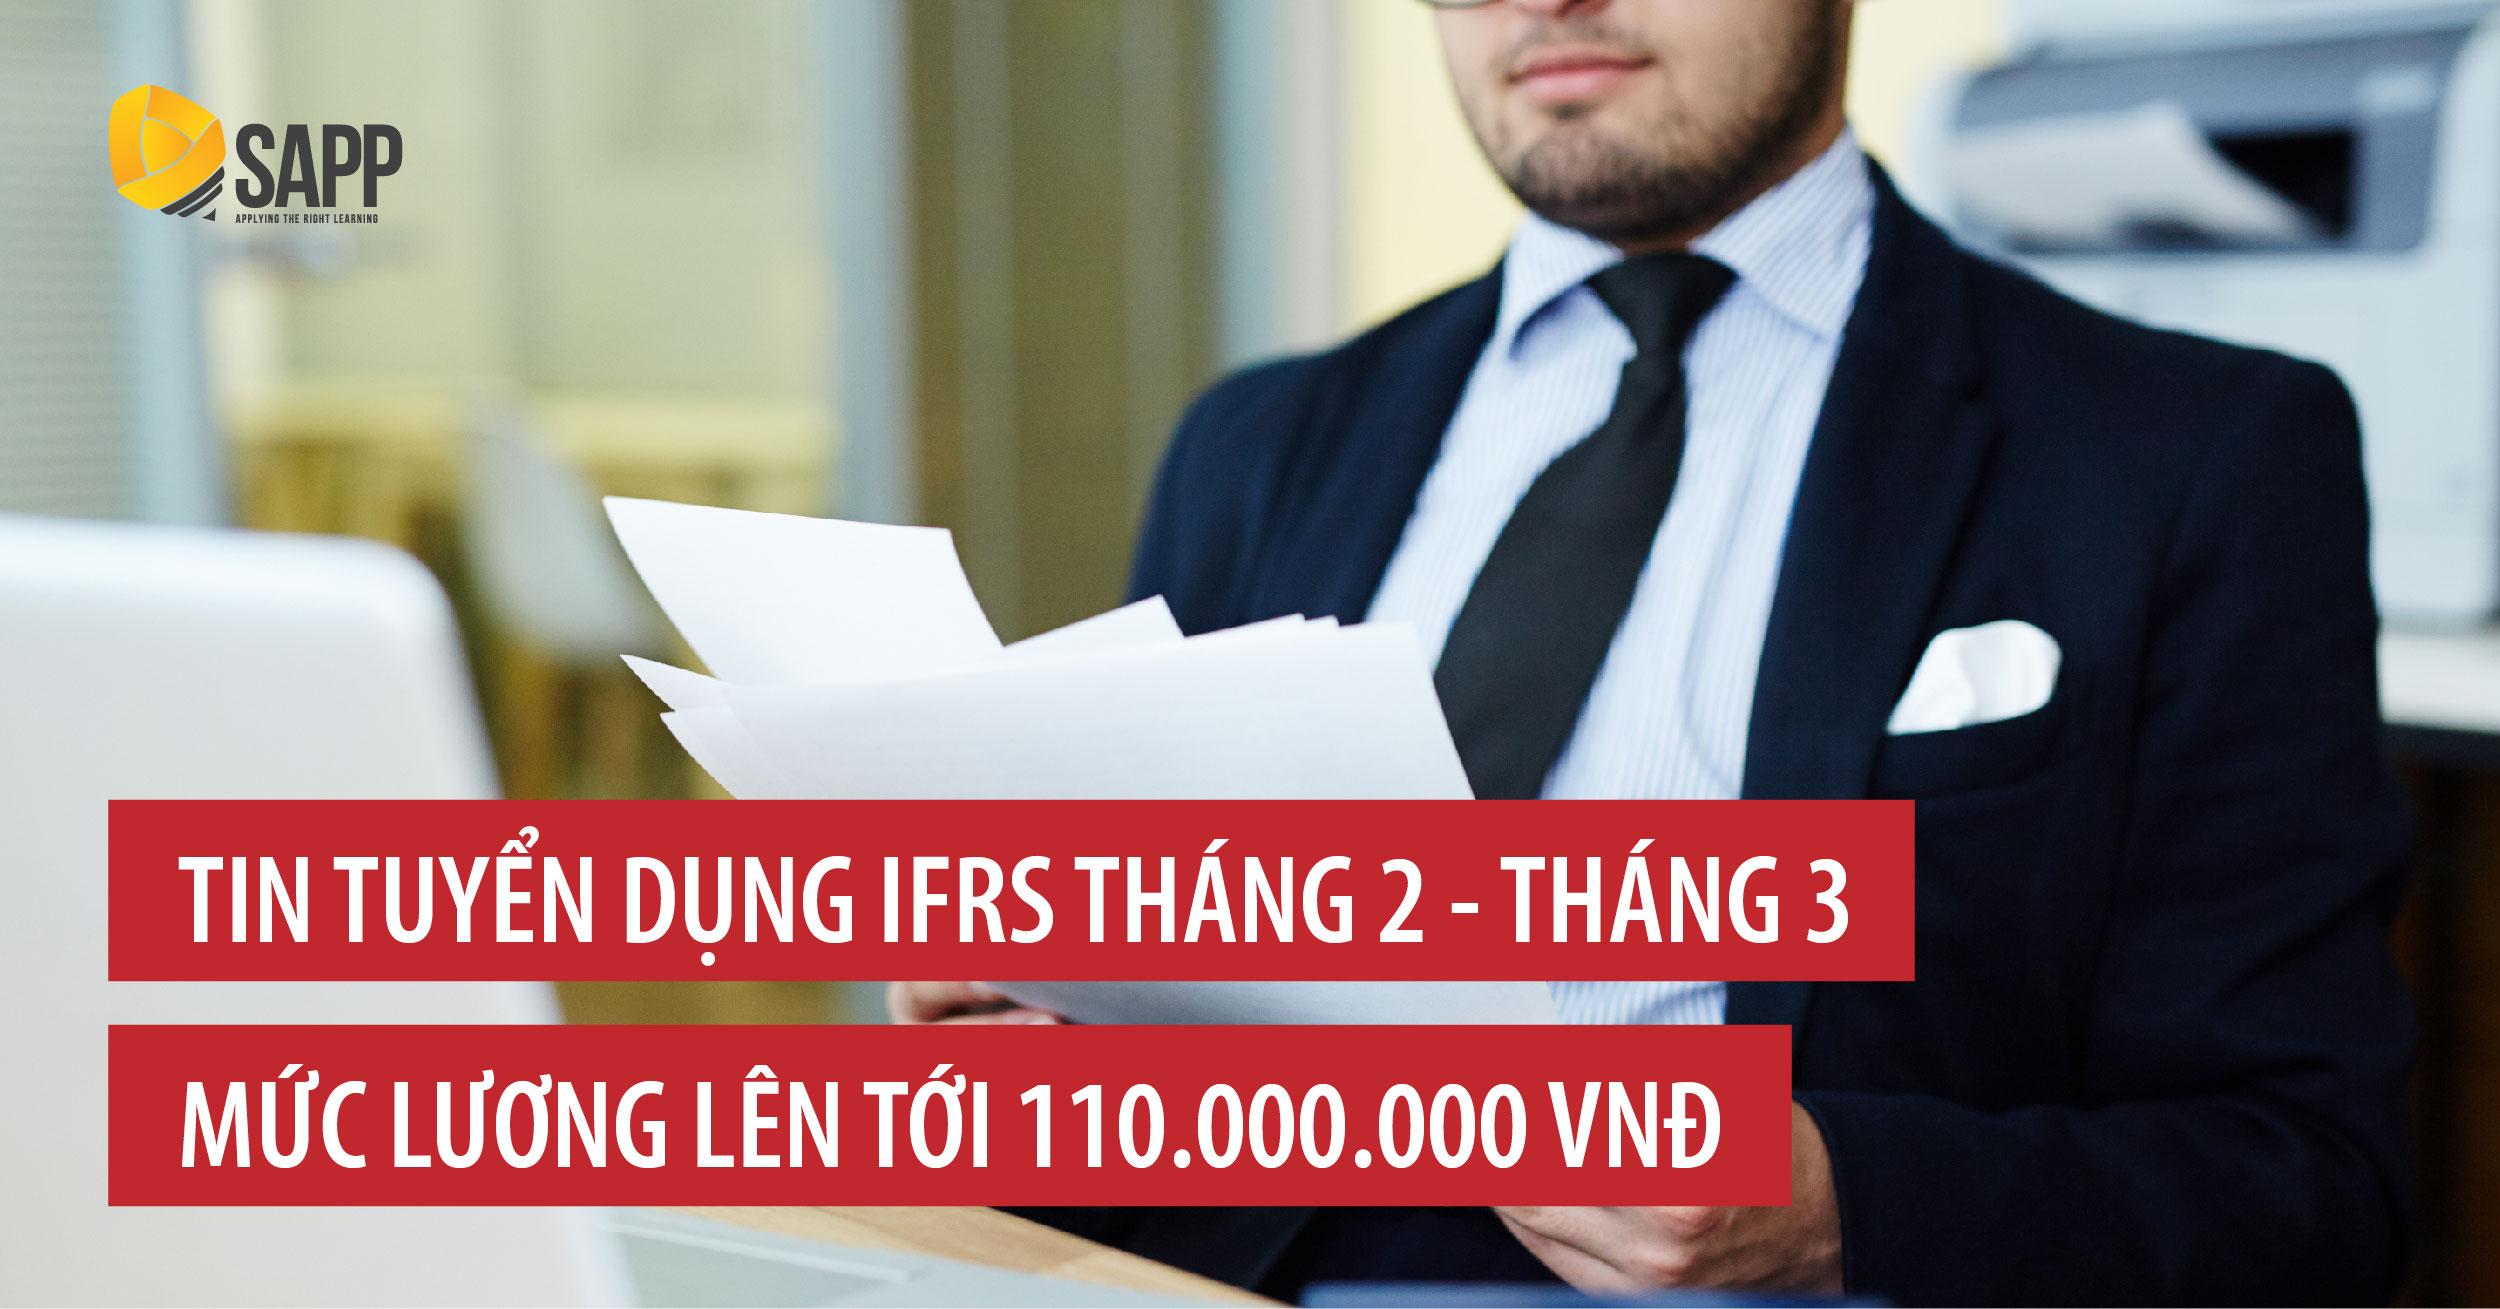 Tin tuyển dụng IFRS tháng 2 - 3 lương tới 110 triệu đồng: Kế toán trưởng, kế toán, kế toán tổng hợp …